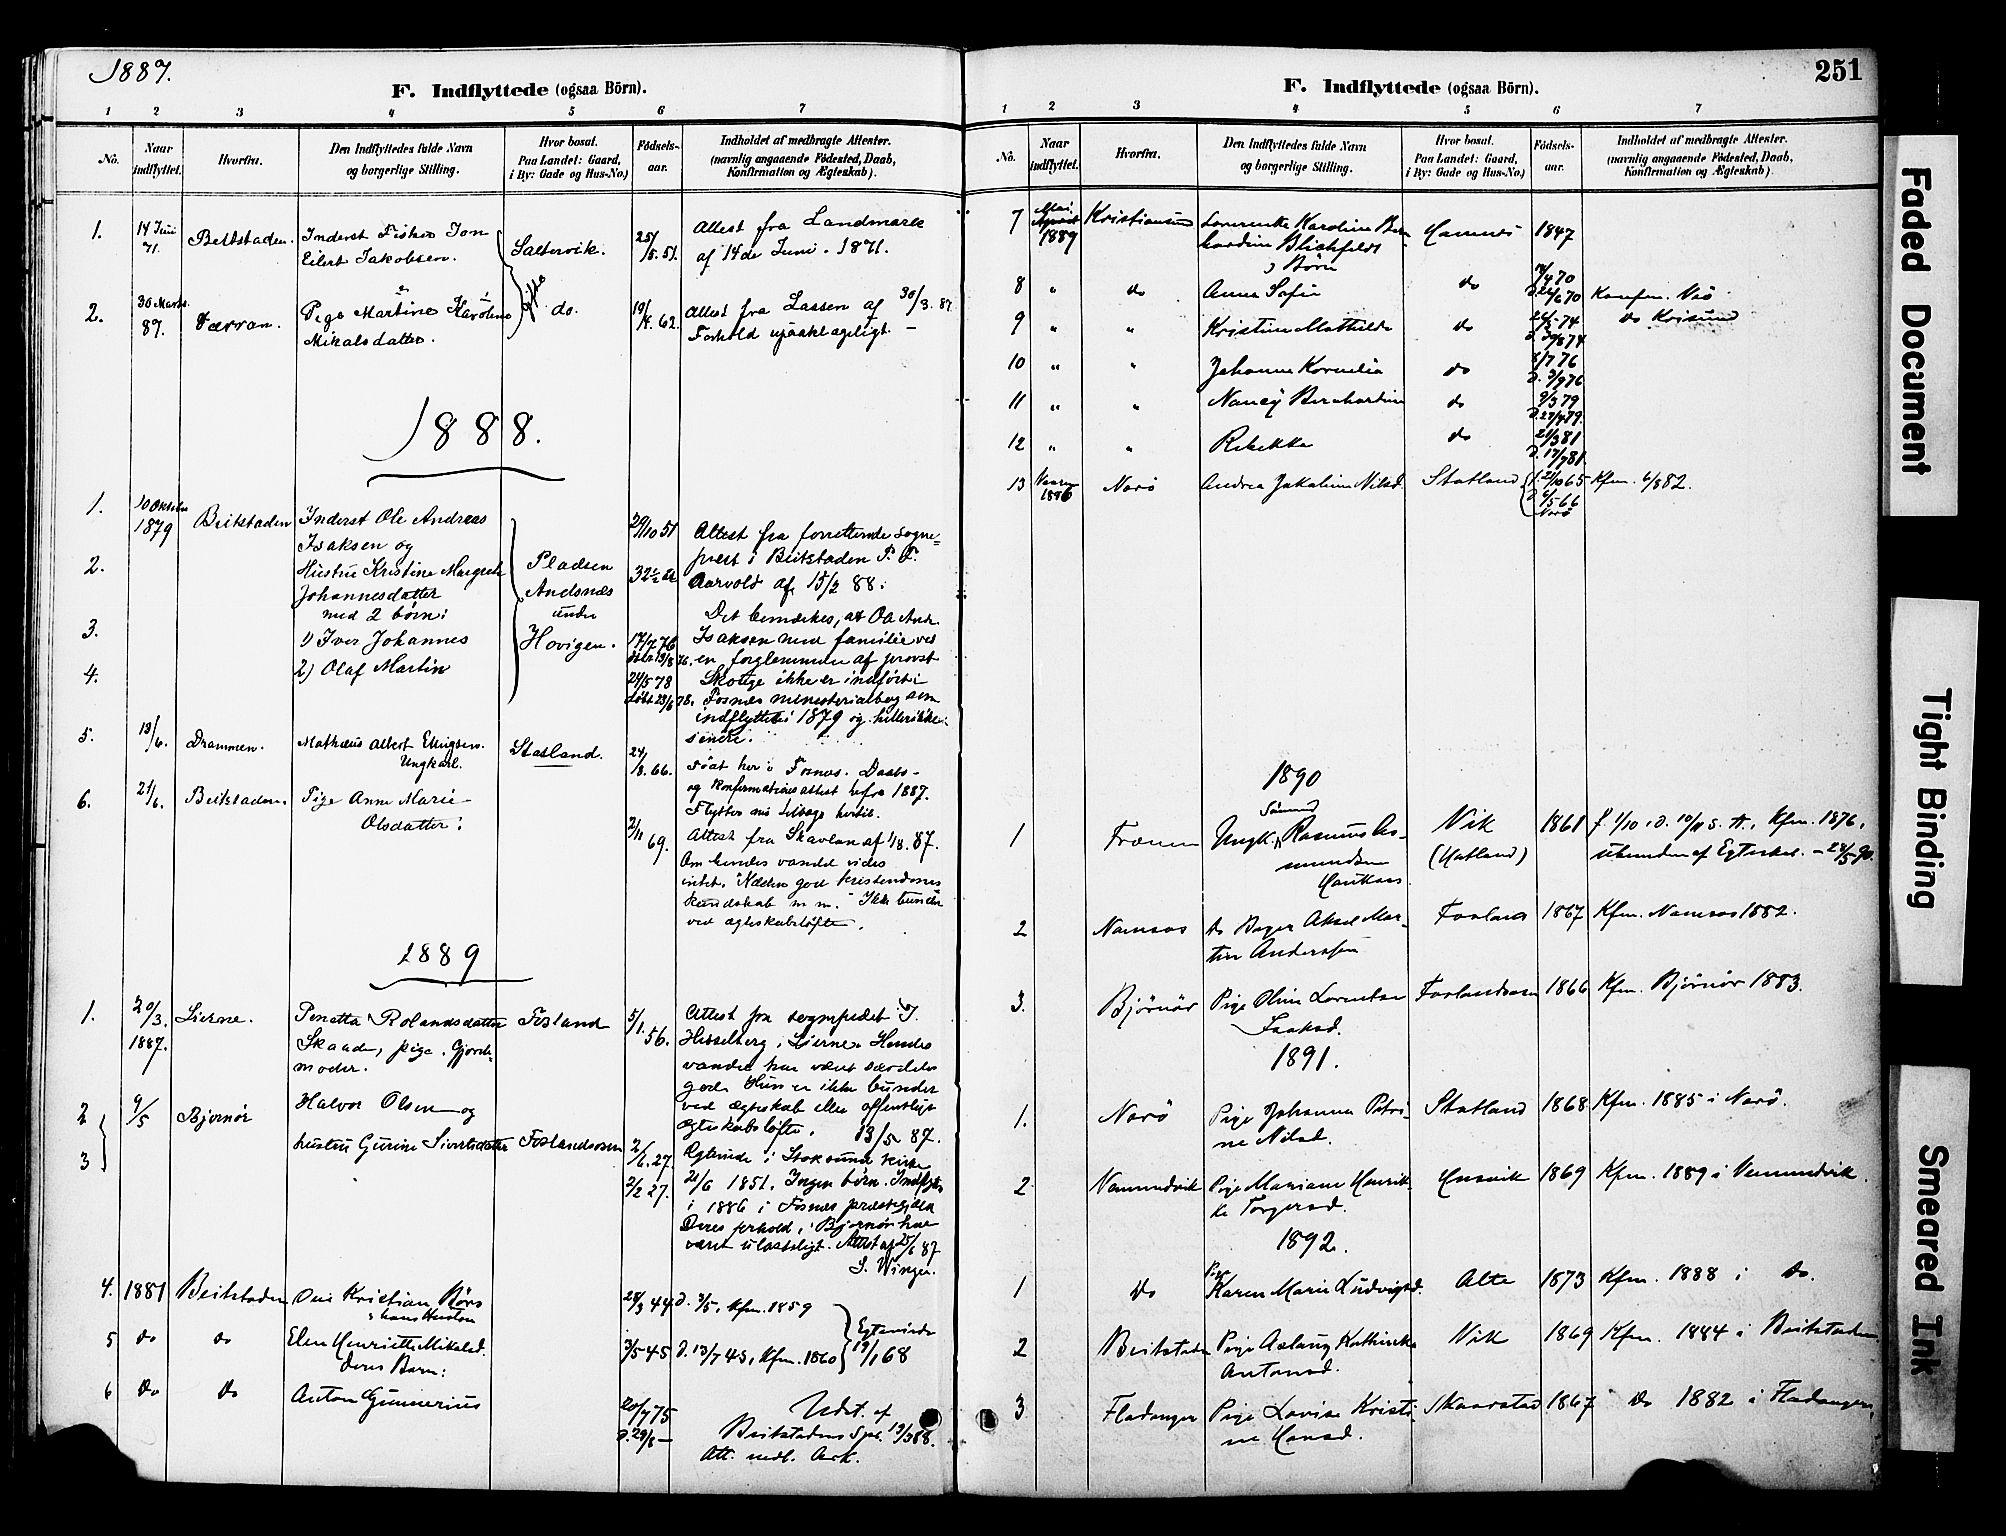 SAT, Ministerialprotokoller, klokkerbøker og fødselsregistre - Nord-Trøndelag, 774/L0628: Ministerialbok nr. 774A02, 1887-1903, s. 251